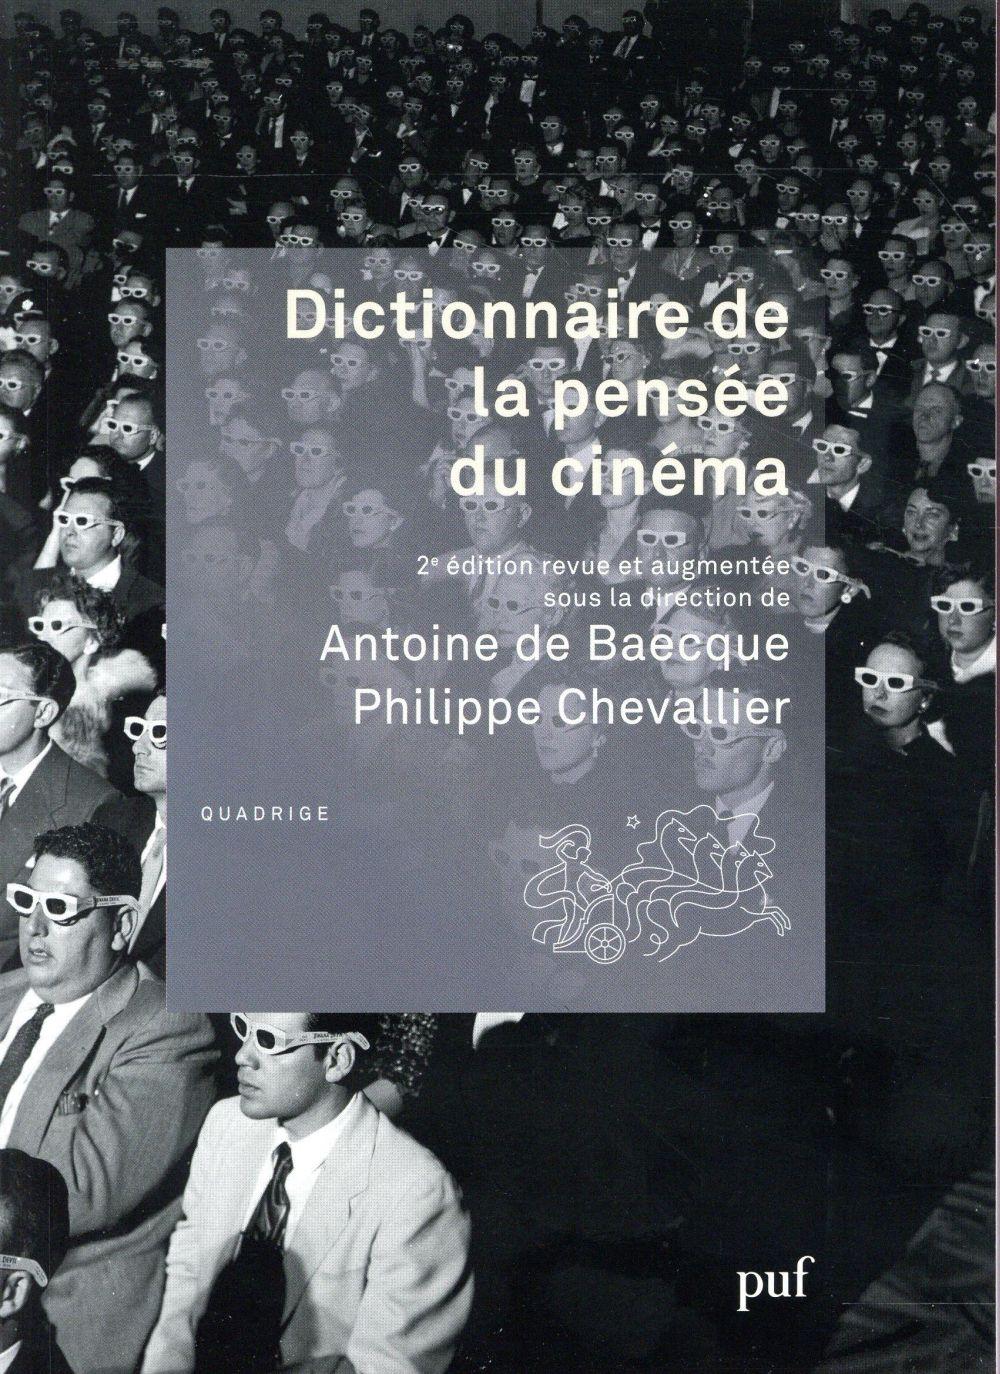 Dictionnaire de la pensée du cinéma (2e édition)